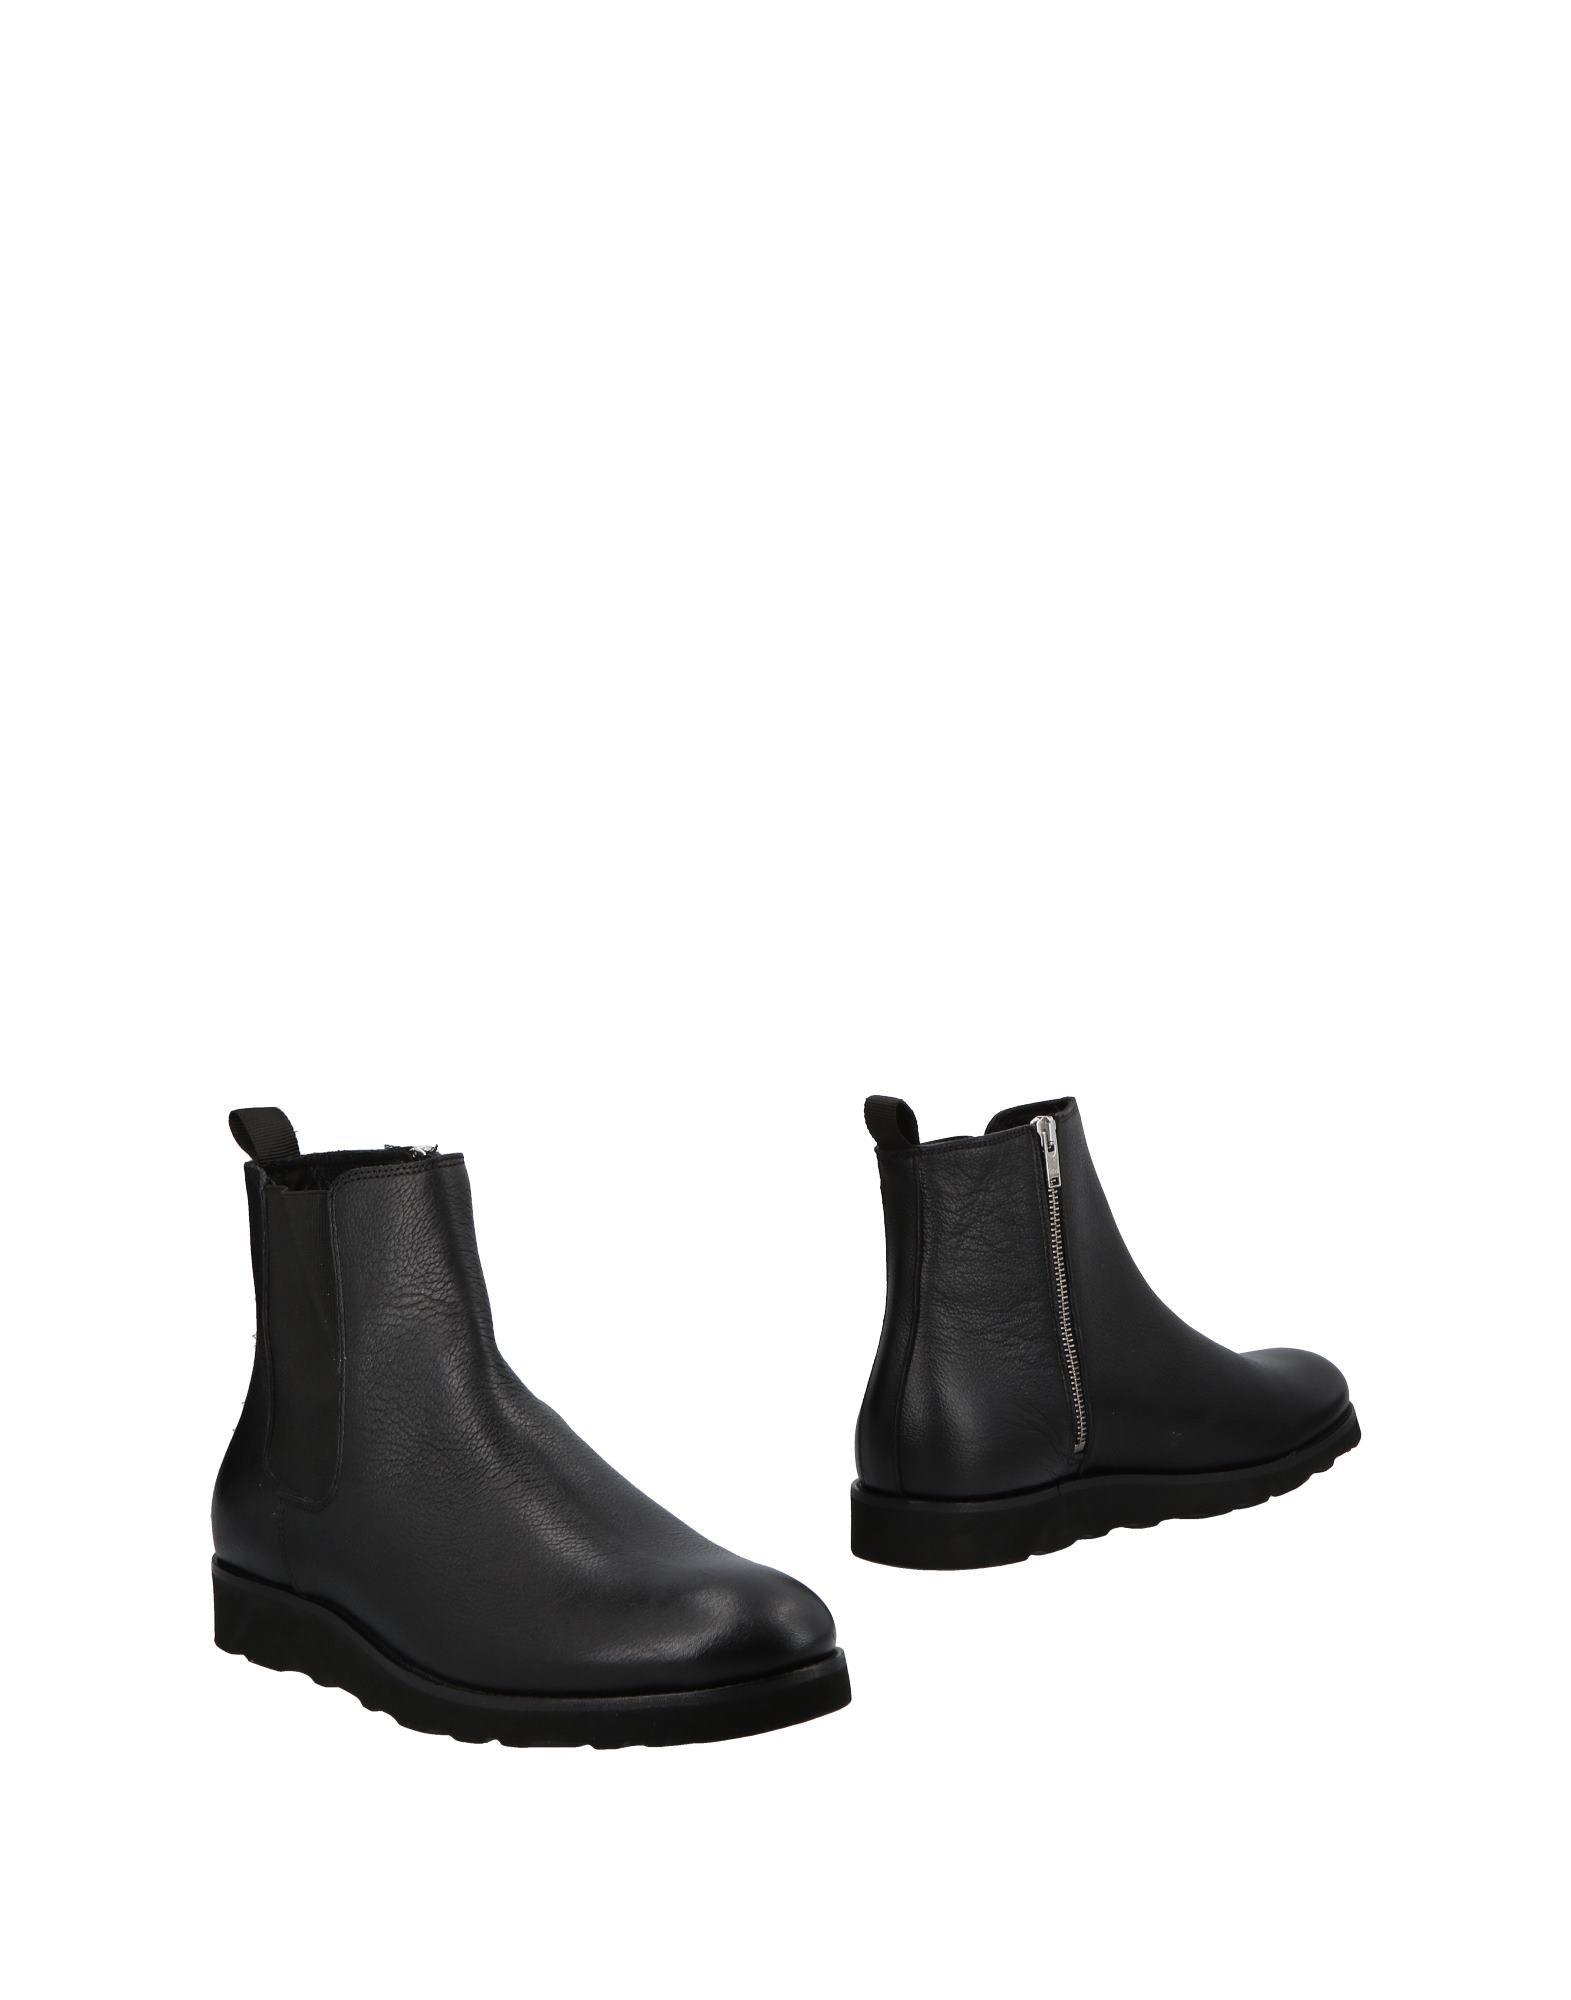 Wood Wood Stiefelette Qualität Herren  11501963SB Gute Qualität Stiefelette beliebte Schuhe a9c2fb